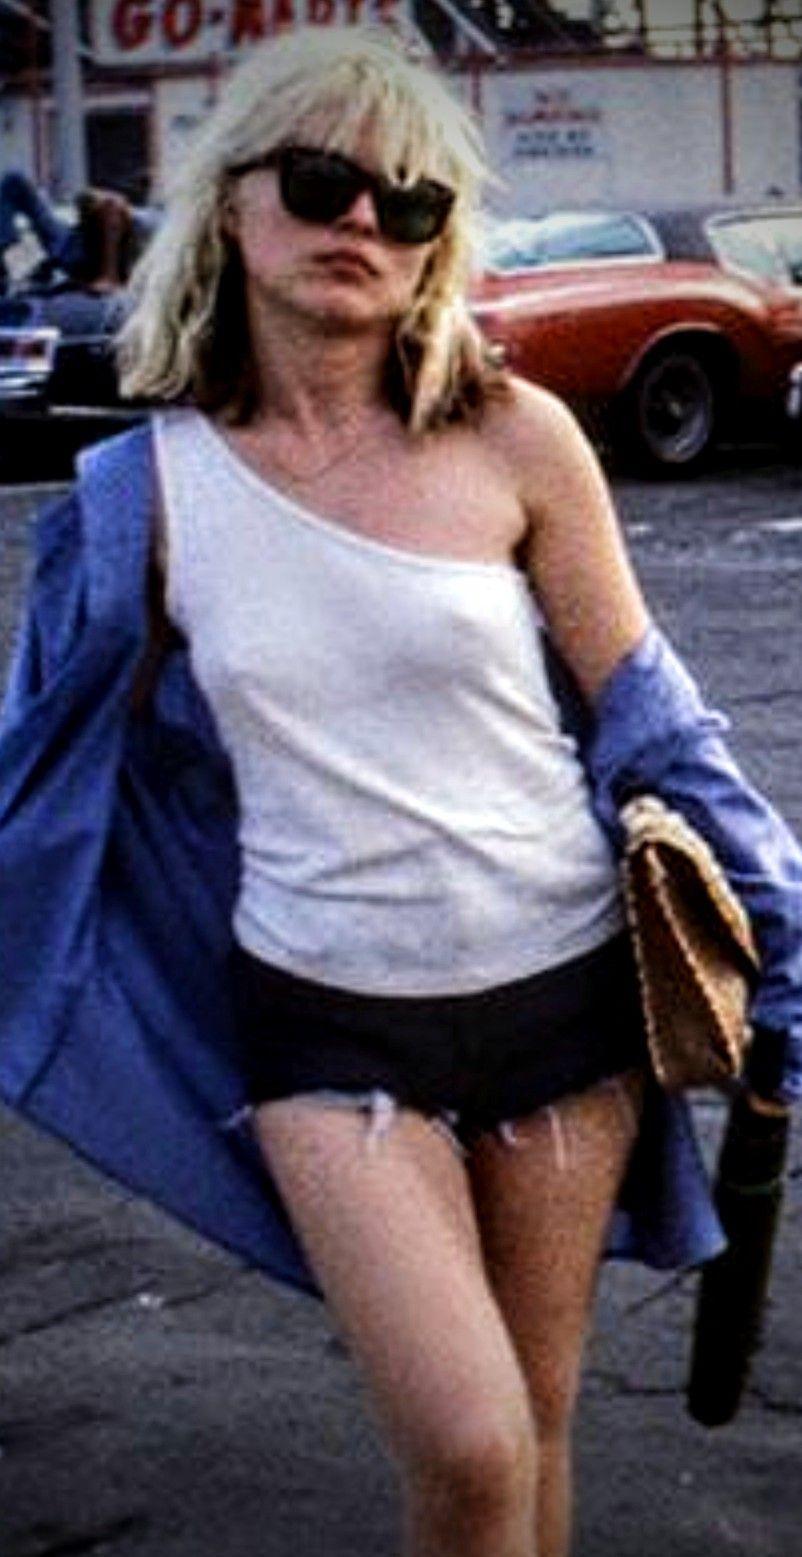 You Re Very Pretty Debbie 5 3 And Sweet With Lovely Legs Deborah Harry Blondie Blondie Debbie Harry Debbie